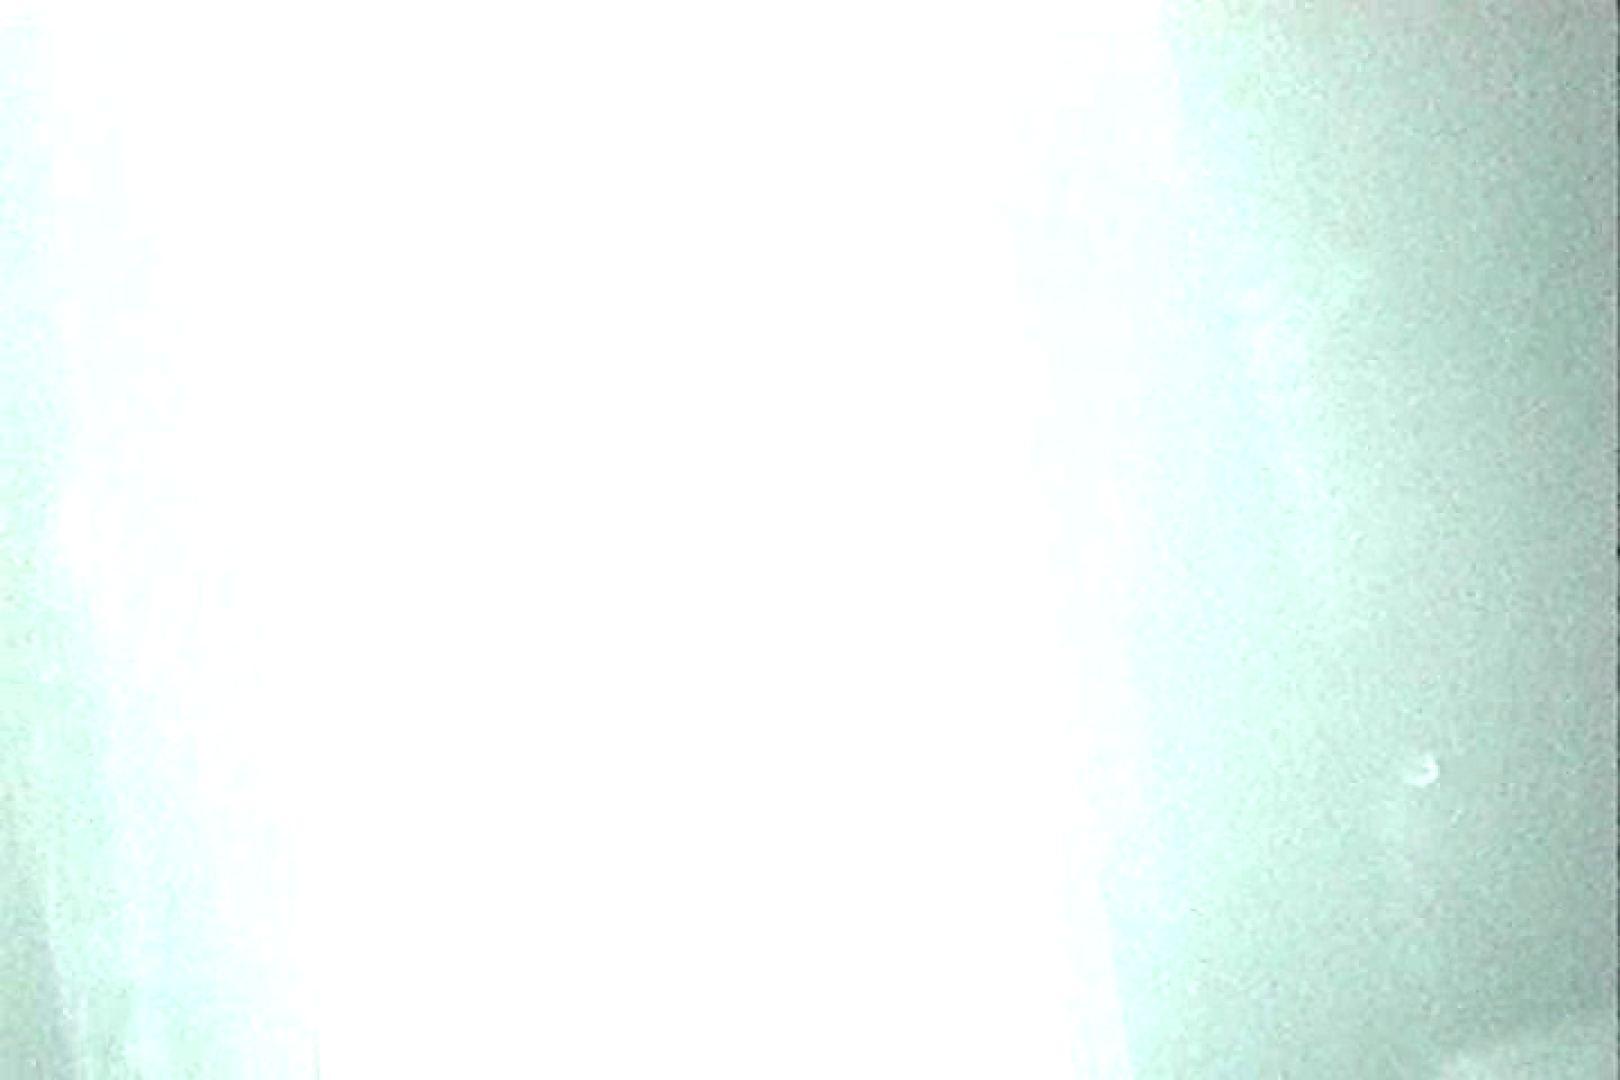 充血監督の深夜の運動会Vol.16 おまんこ オメコ動画キャプチャ 105画像 87